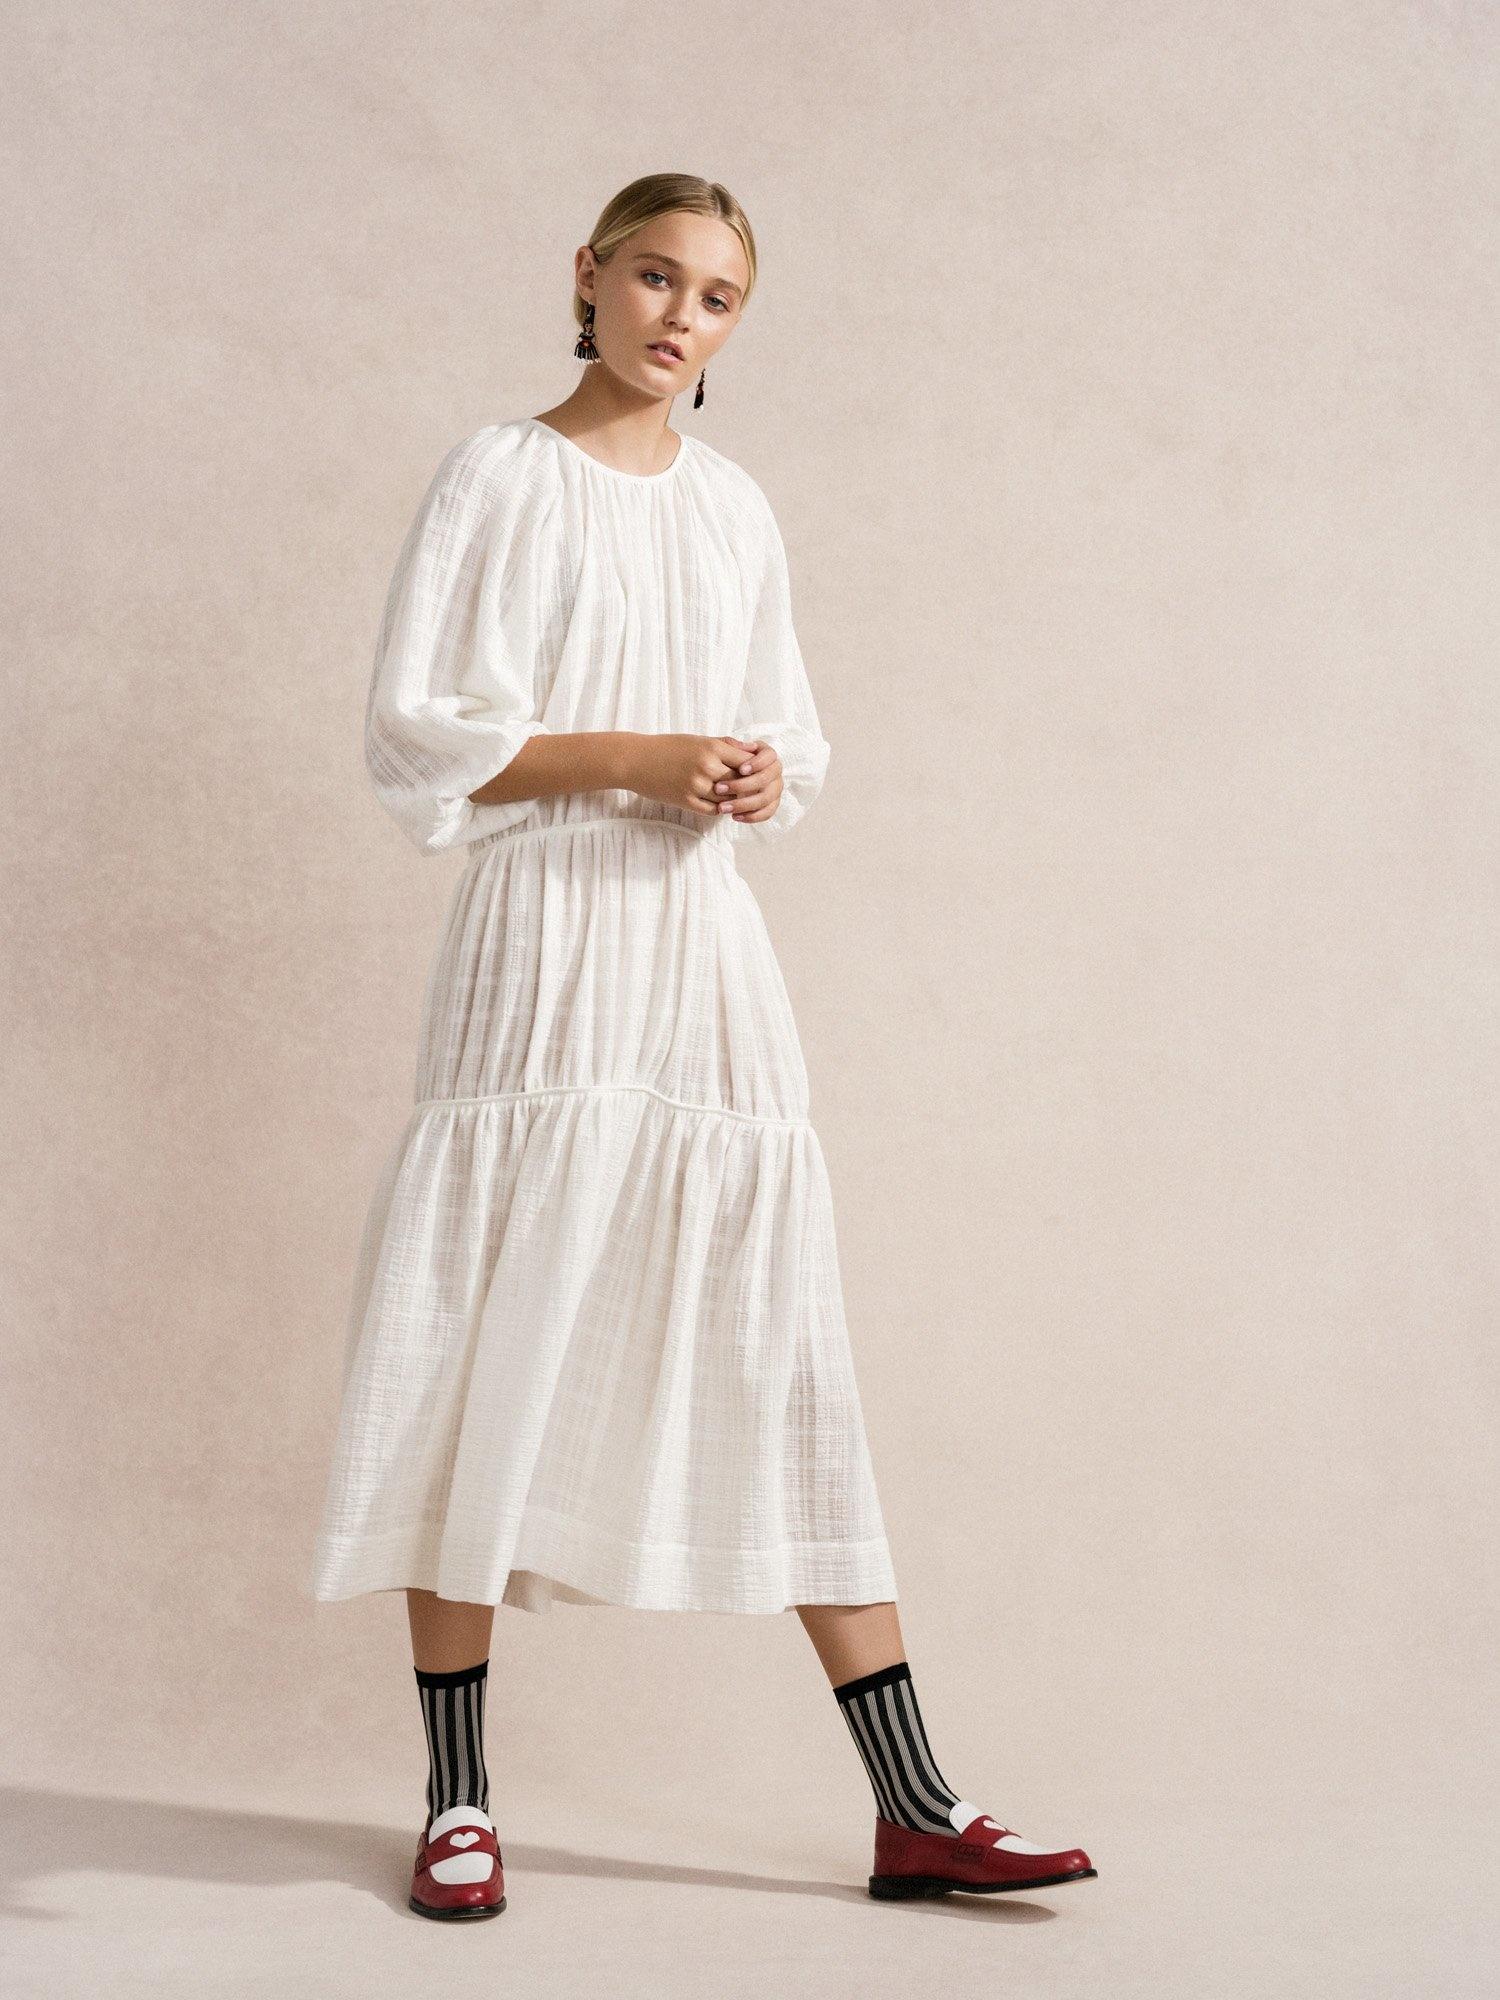 Hansel from Basel Rory Dress, White